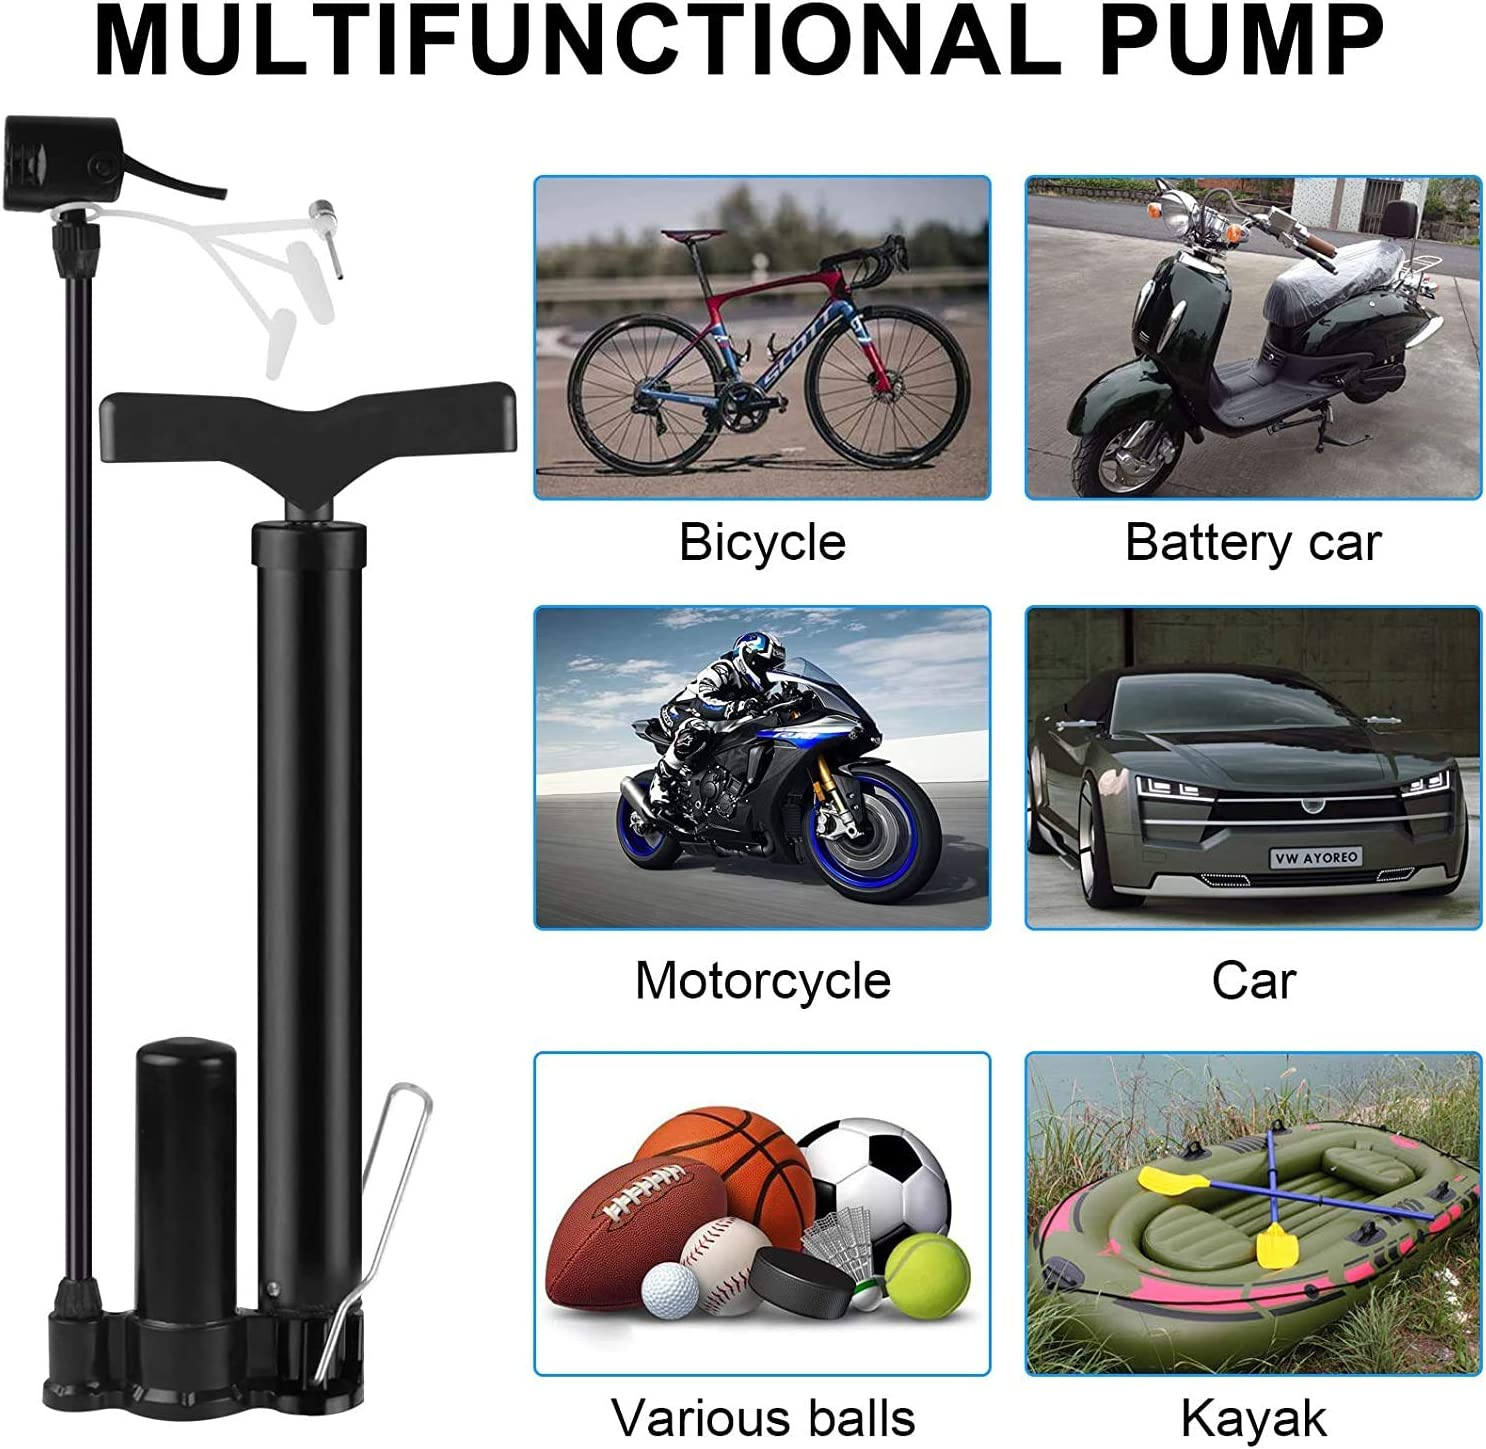 160 PSI bomba de aire port/átil para neum/áticos de bicicleta con v/álvulas Presta y Schrader para bicicletas de monta/ña de carretera BESELER Bomba de aire para bicicleta de alta presi/ón